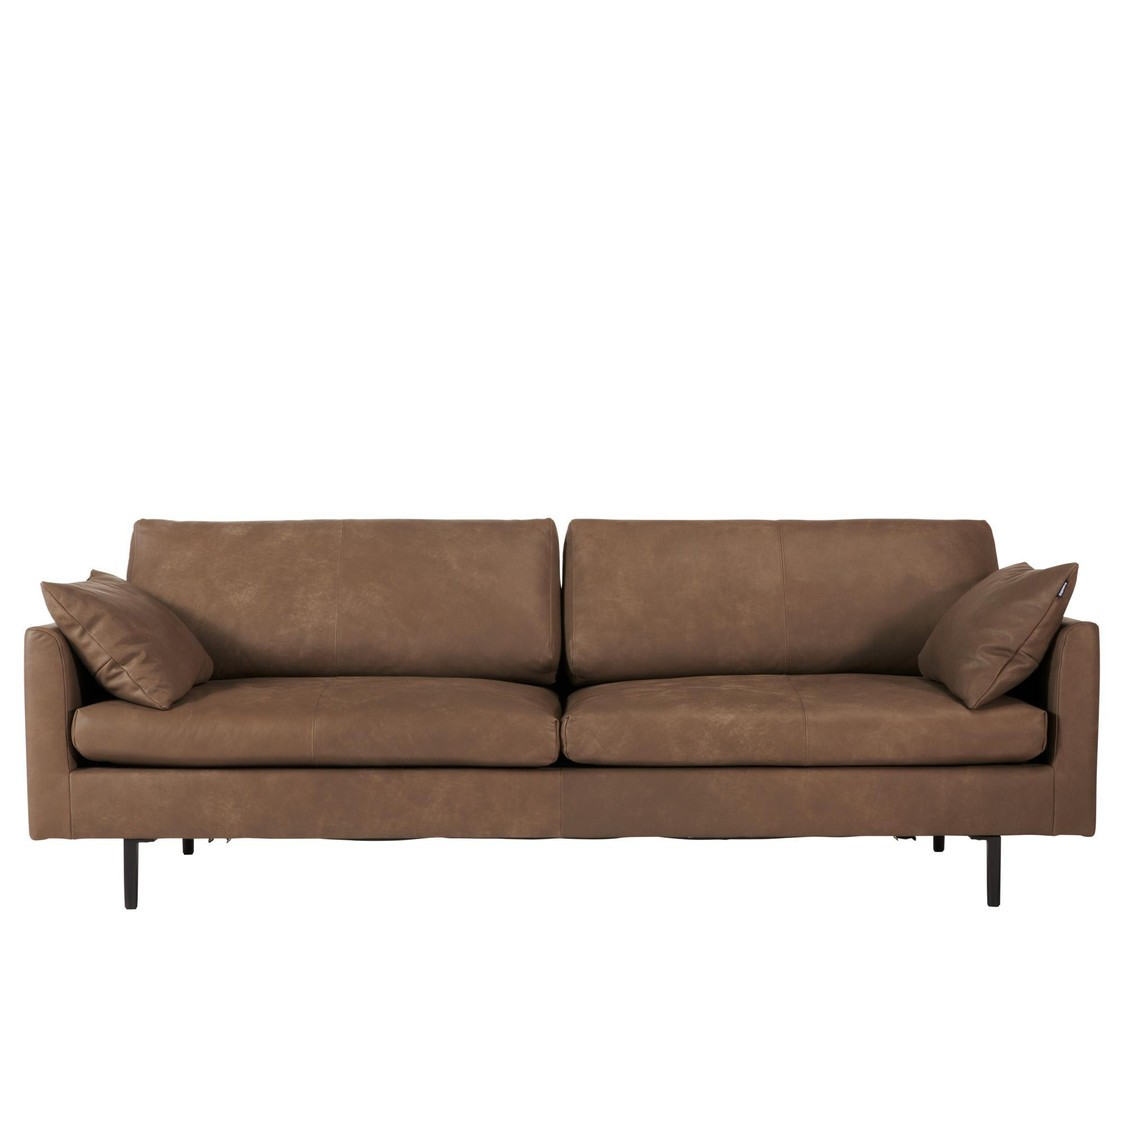 Freistil Rolf Benz Freistil 134 Sofa 2 Sitzer Ambientedirect